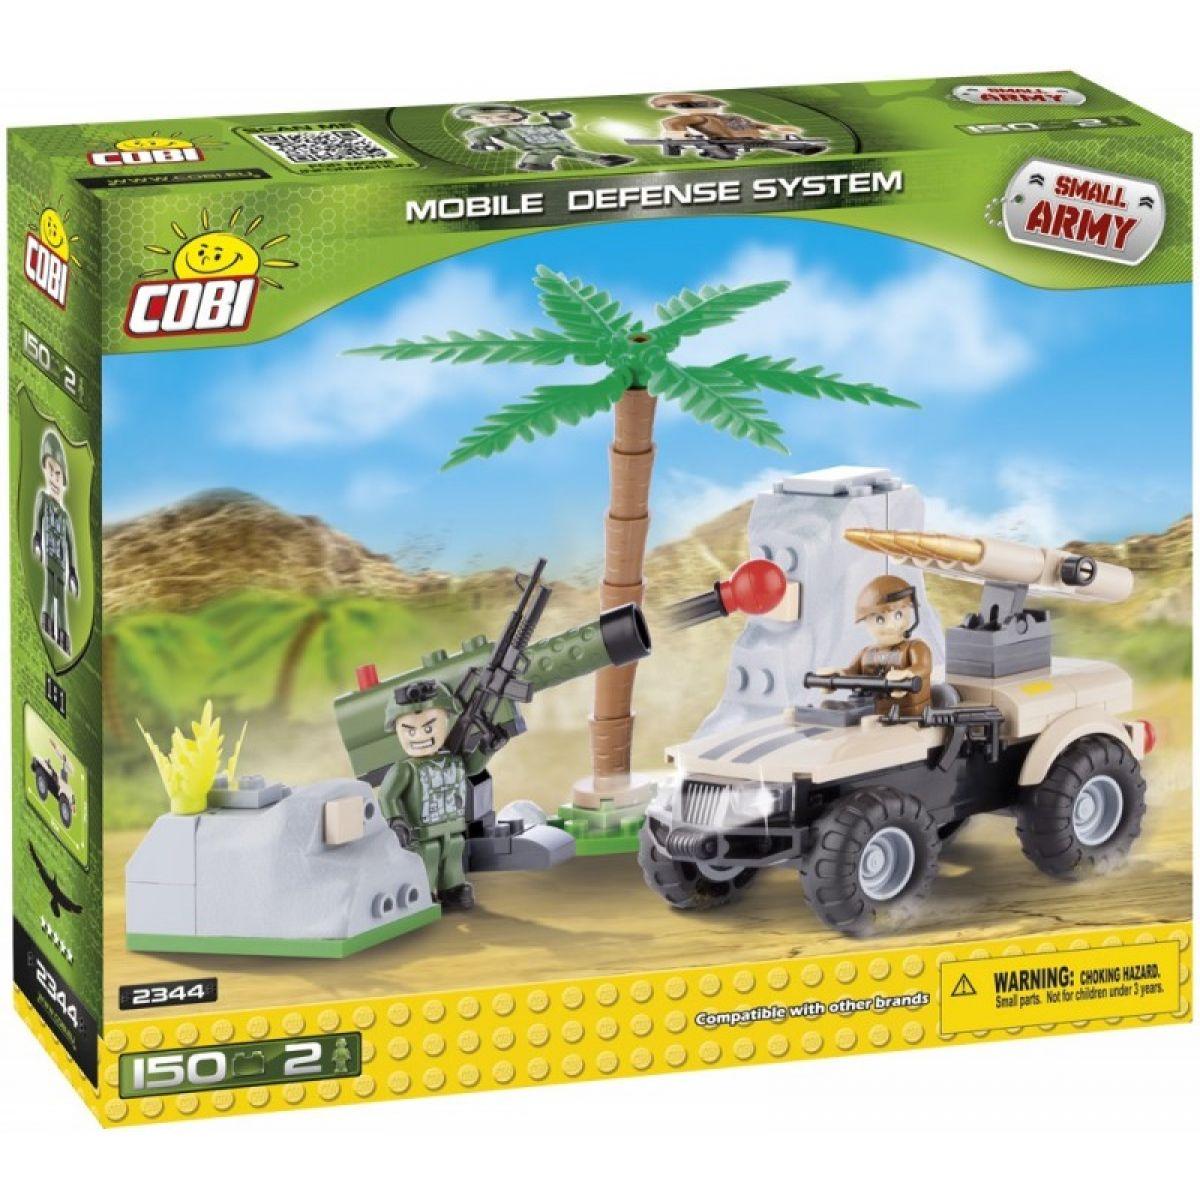 Cobi 2344 Small Army Mobilní obranný systém